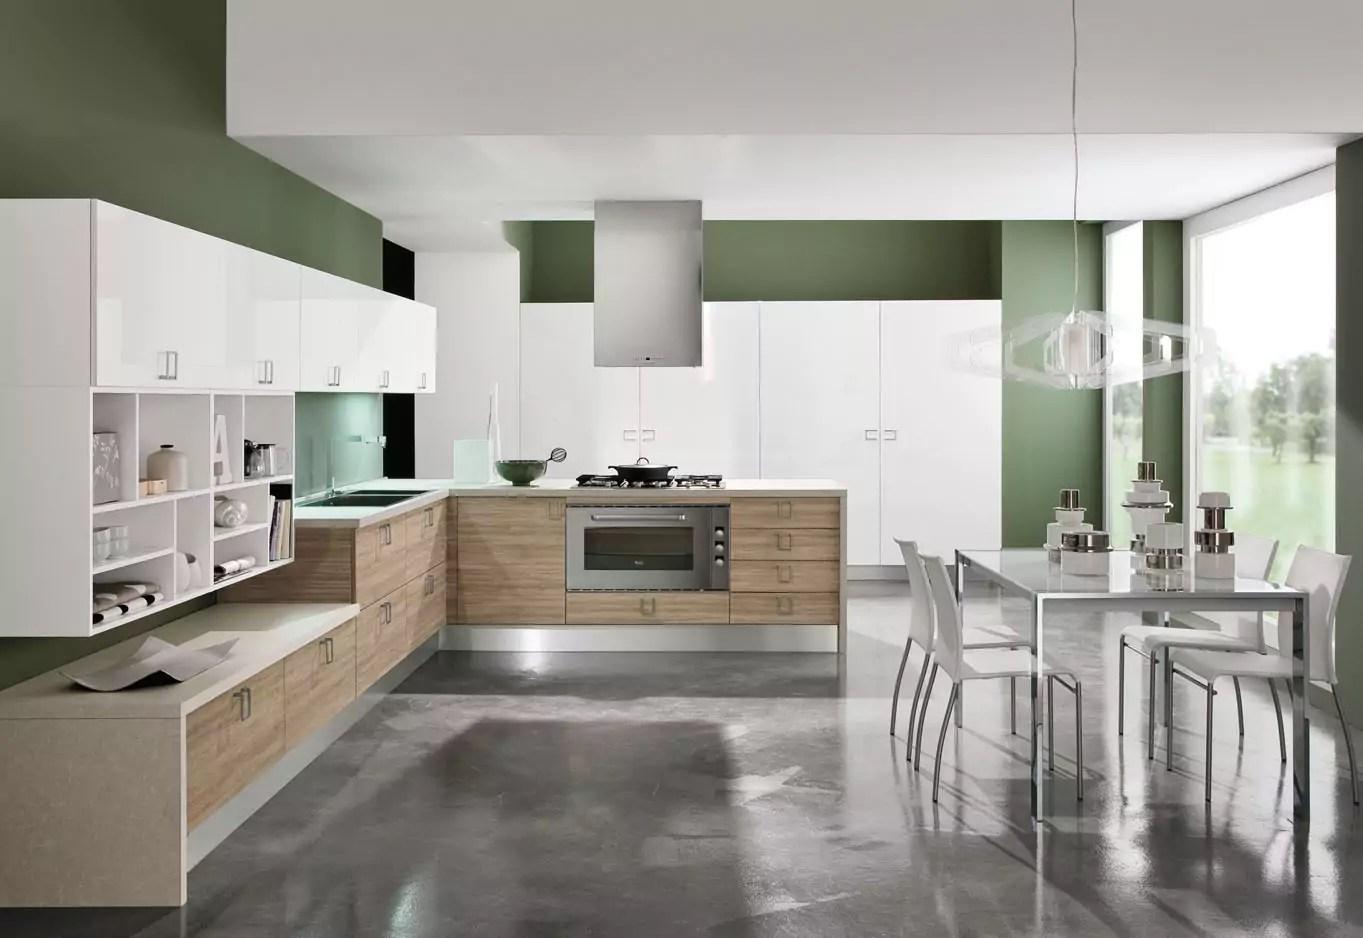 Pavimento cucina legno e piastrelle: piastrelle e pavimenti per